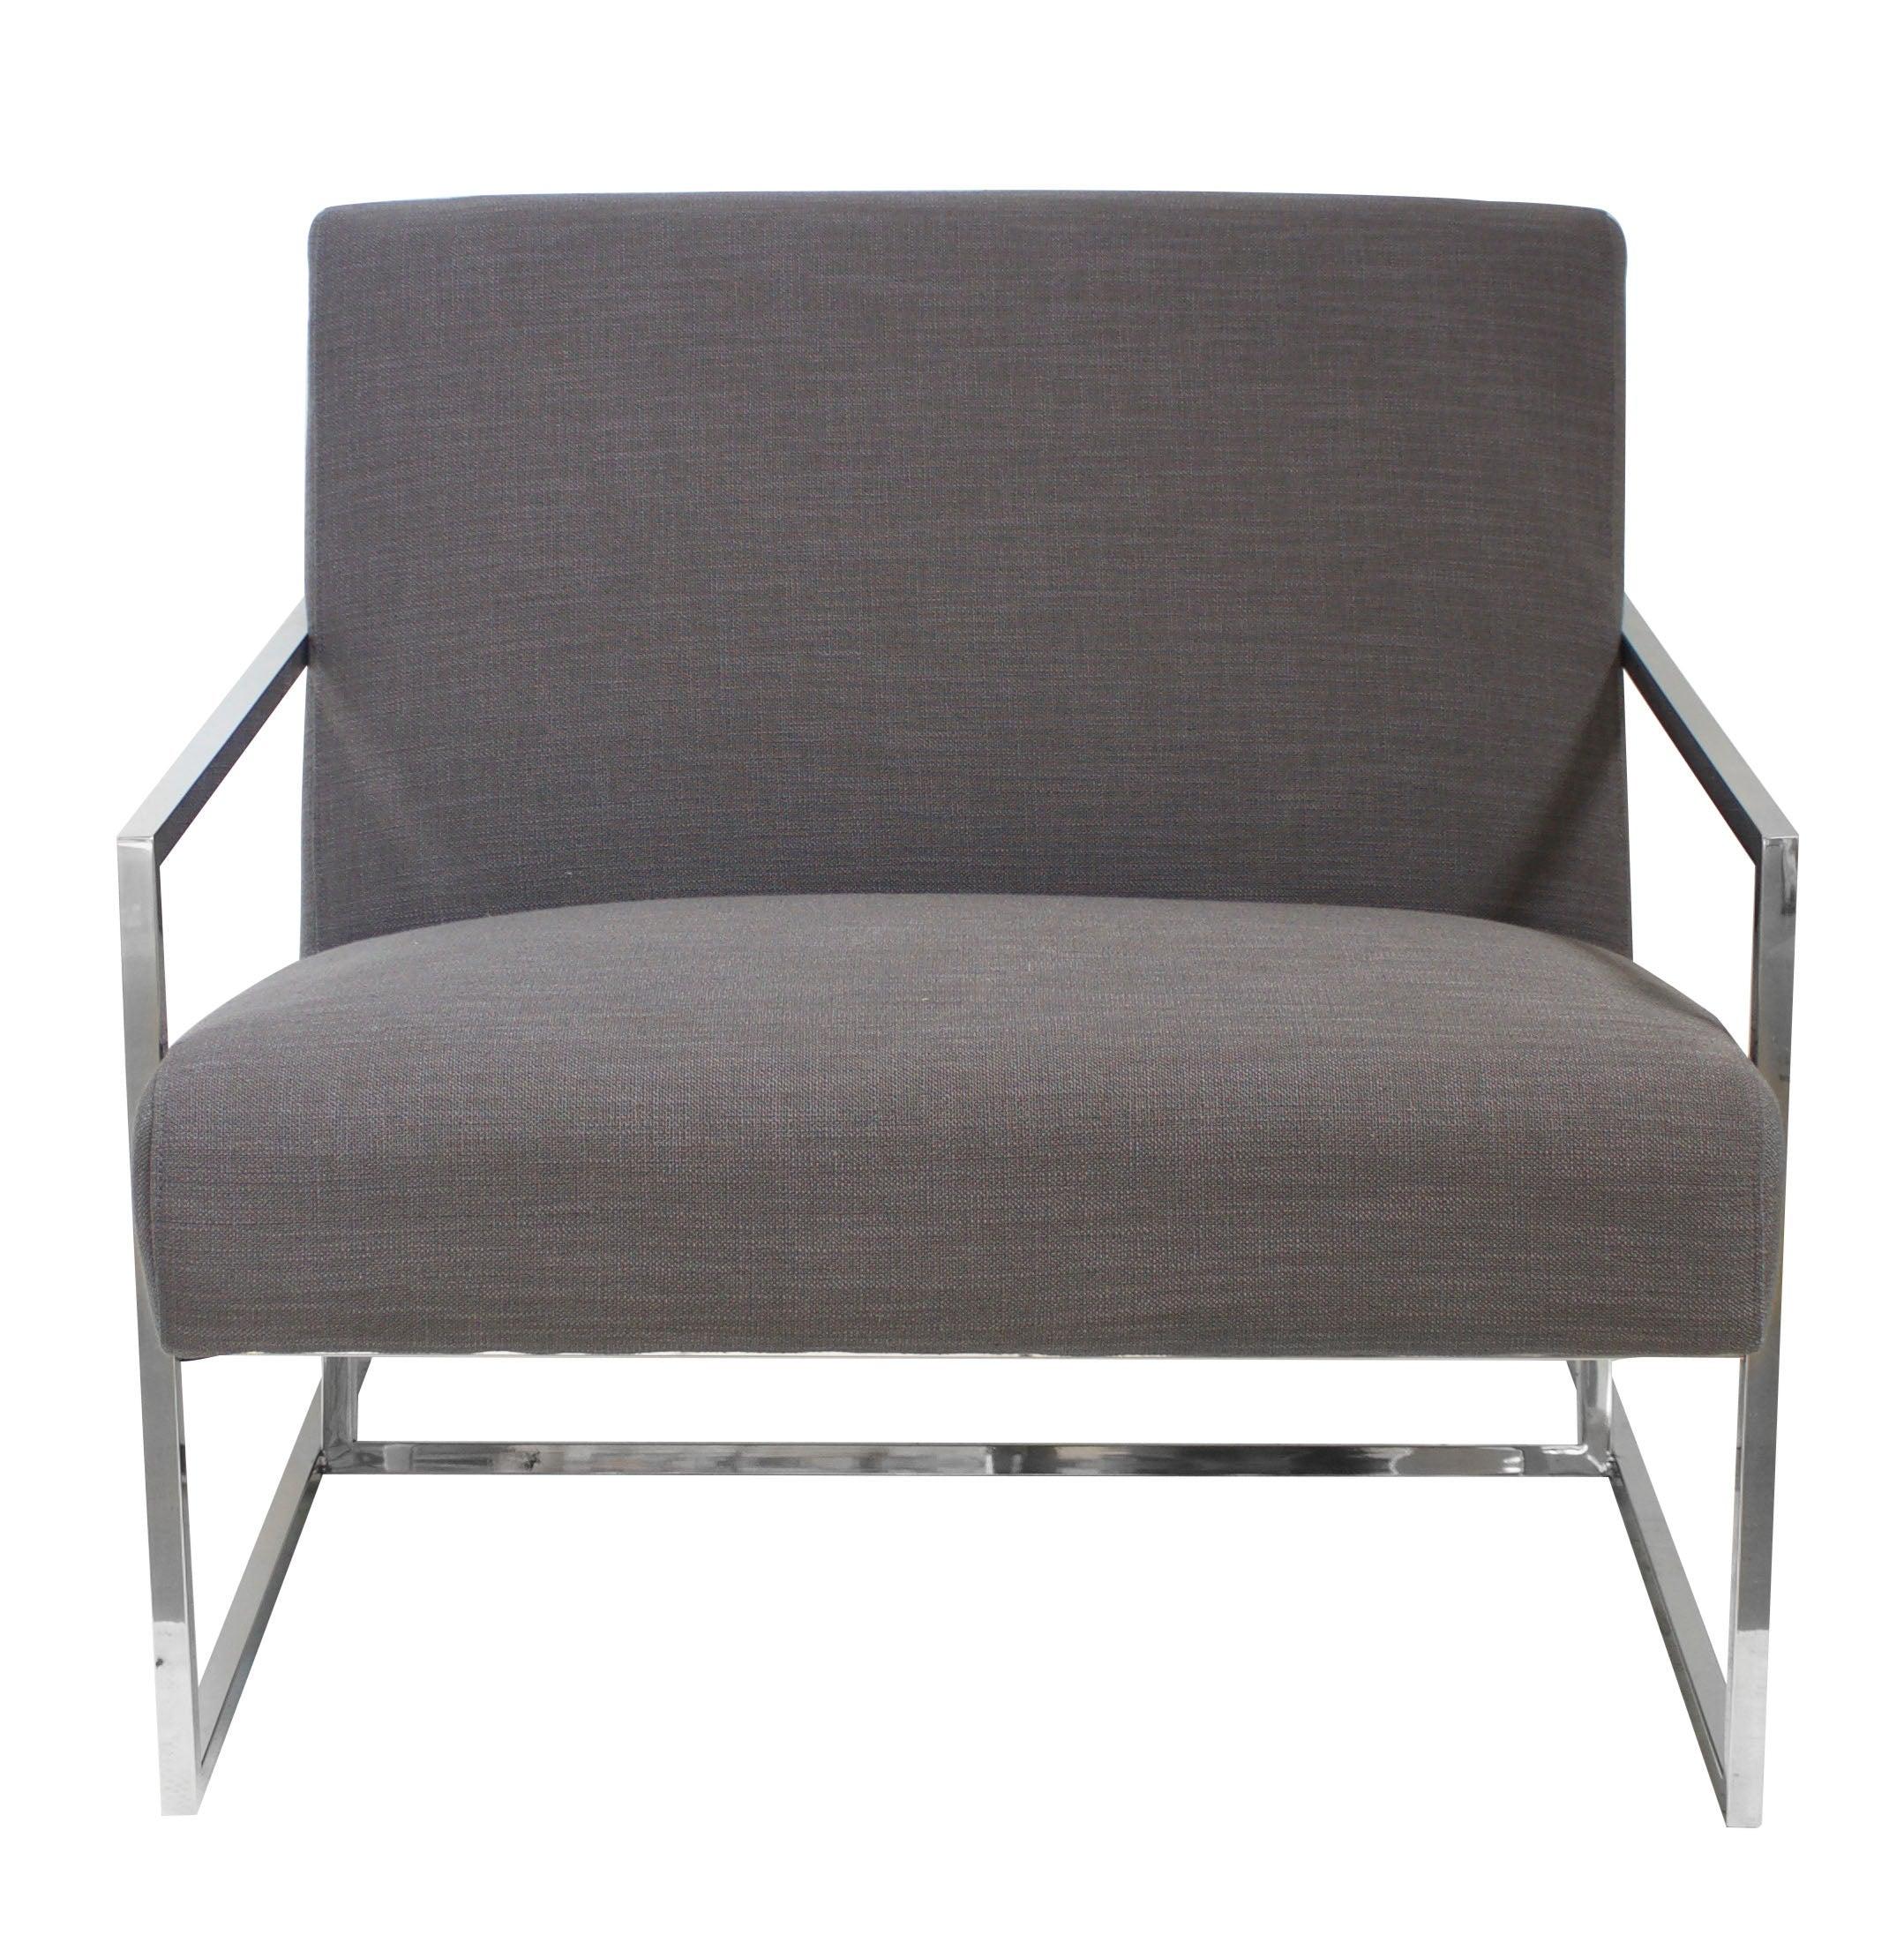 Jaxson Armchair Grey Modern Chrome Legs | Buy Armchairs ...